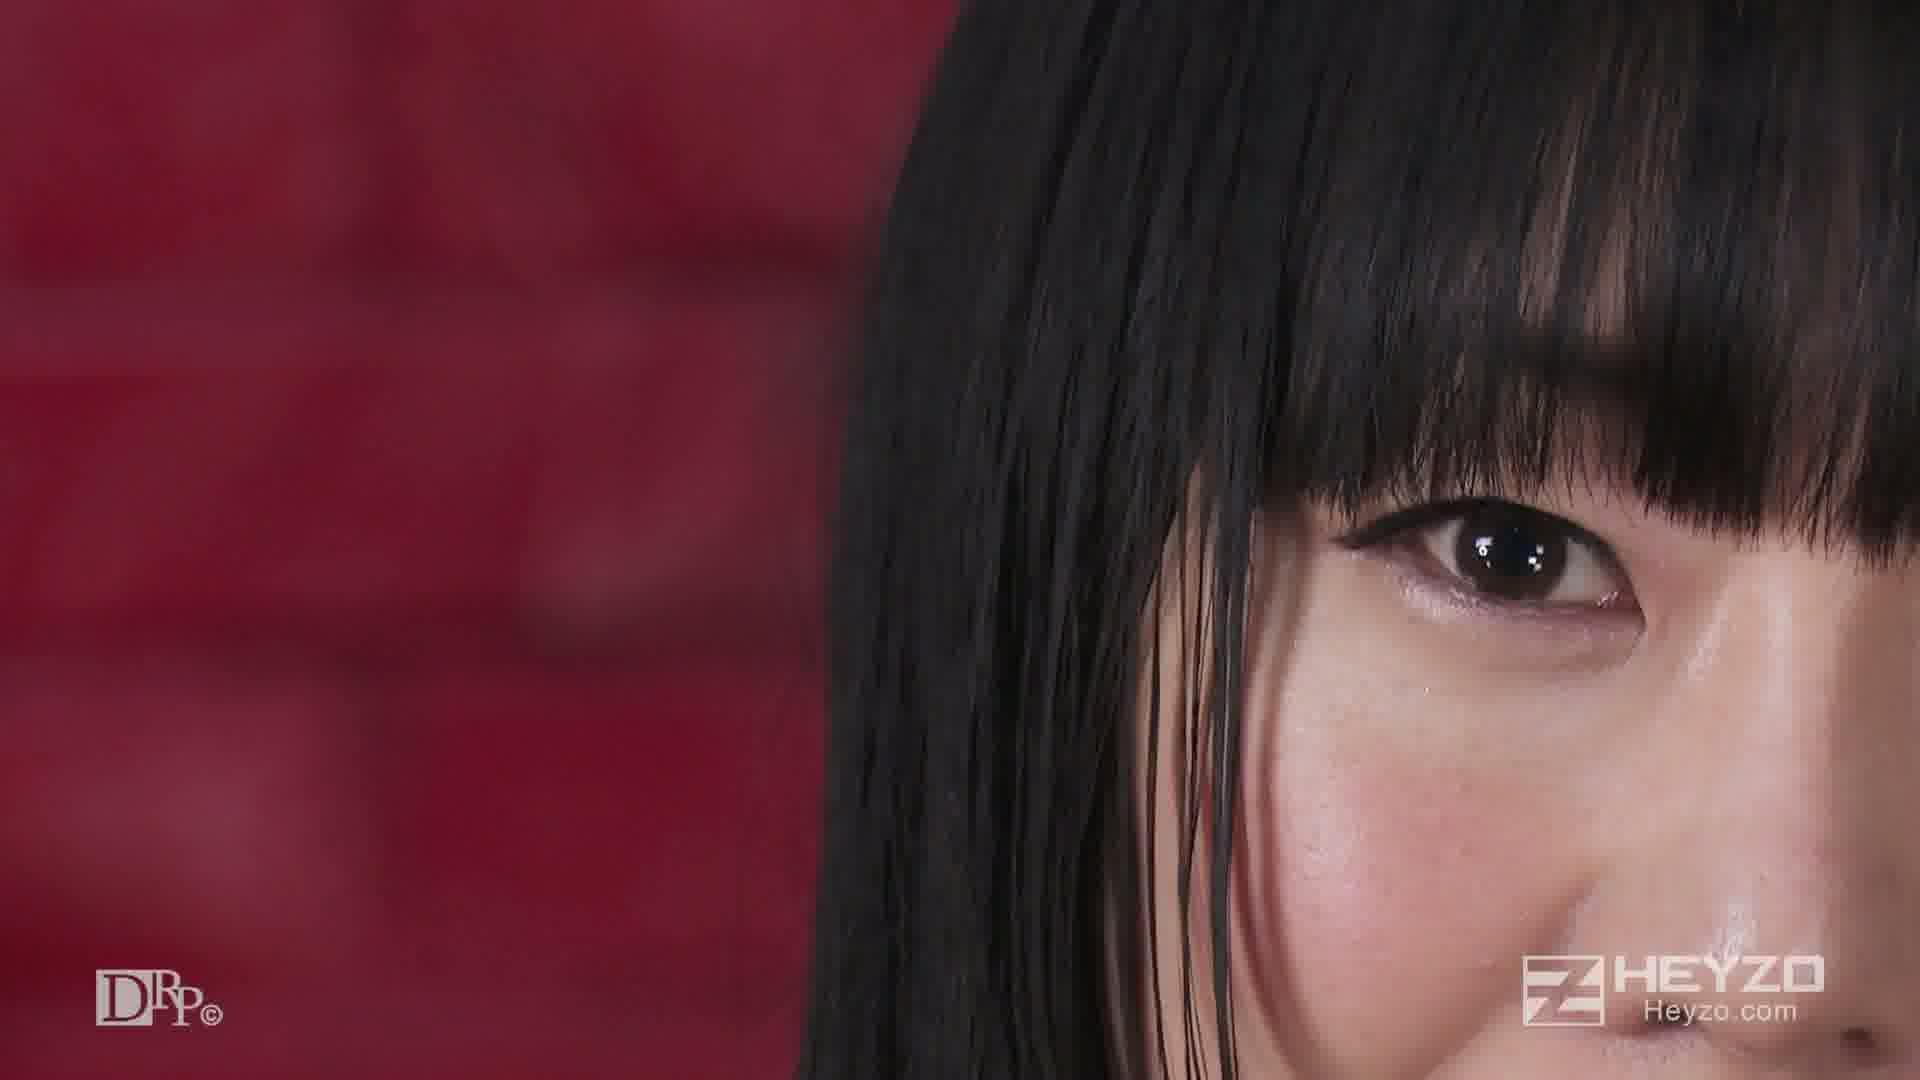 ストリッパー・若林美保の熟エロボディ - 若林美保【ストリップ オナニー】